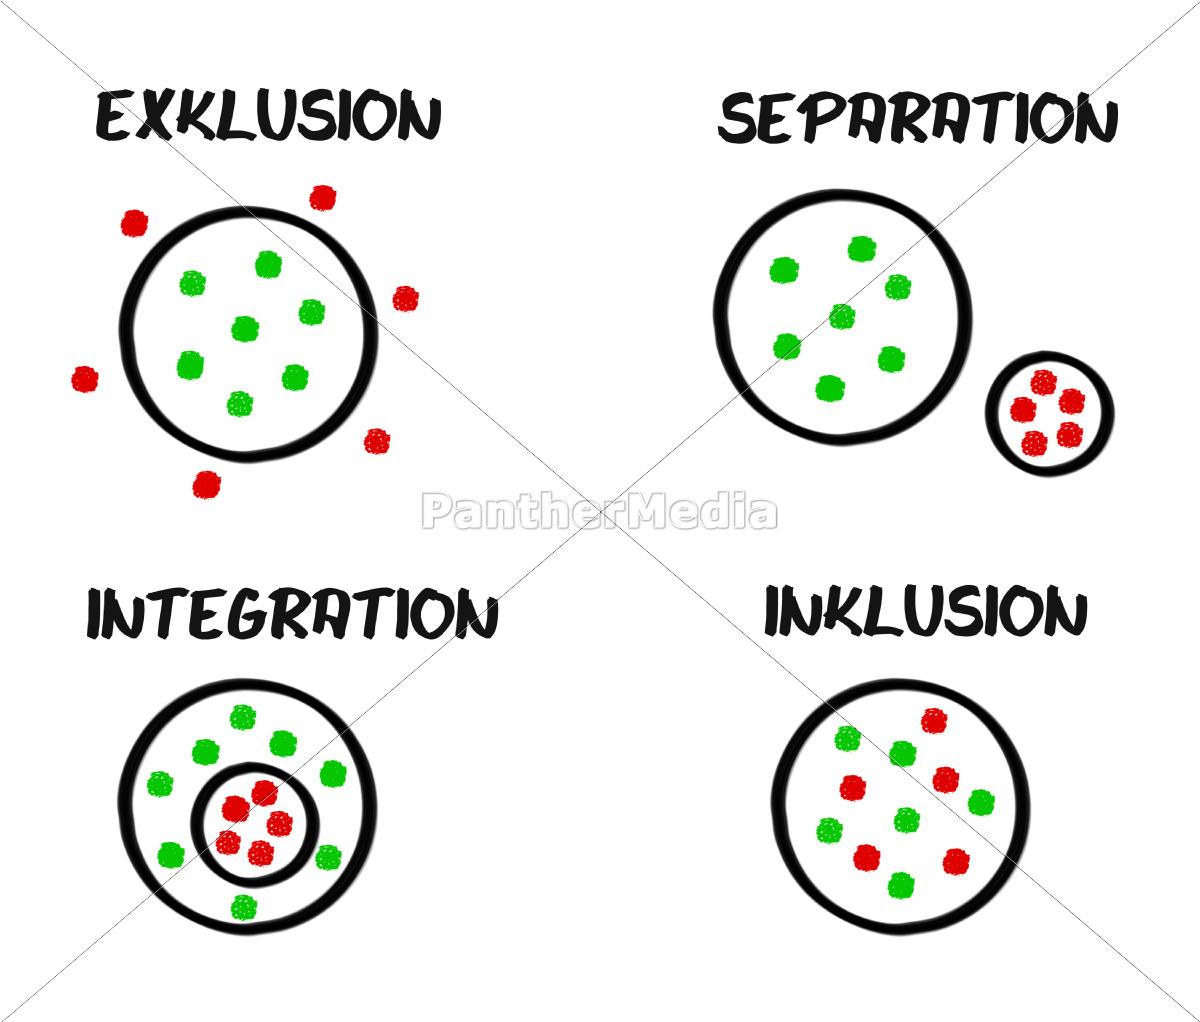 integracja, wykluczenia, separacji, schematu, integracji - 9418750